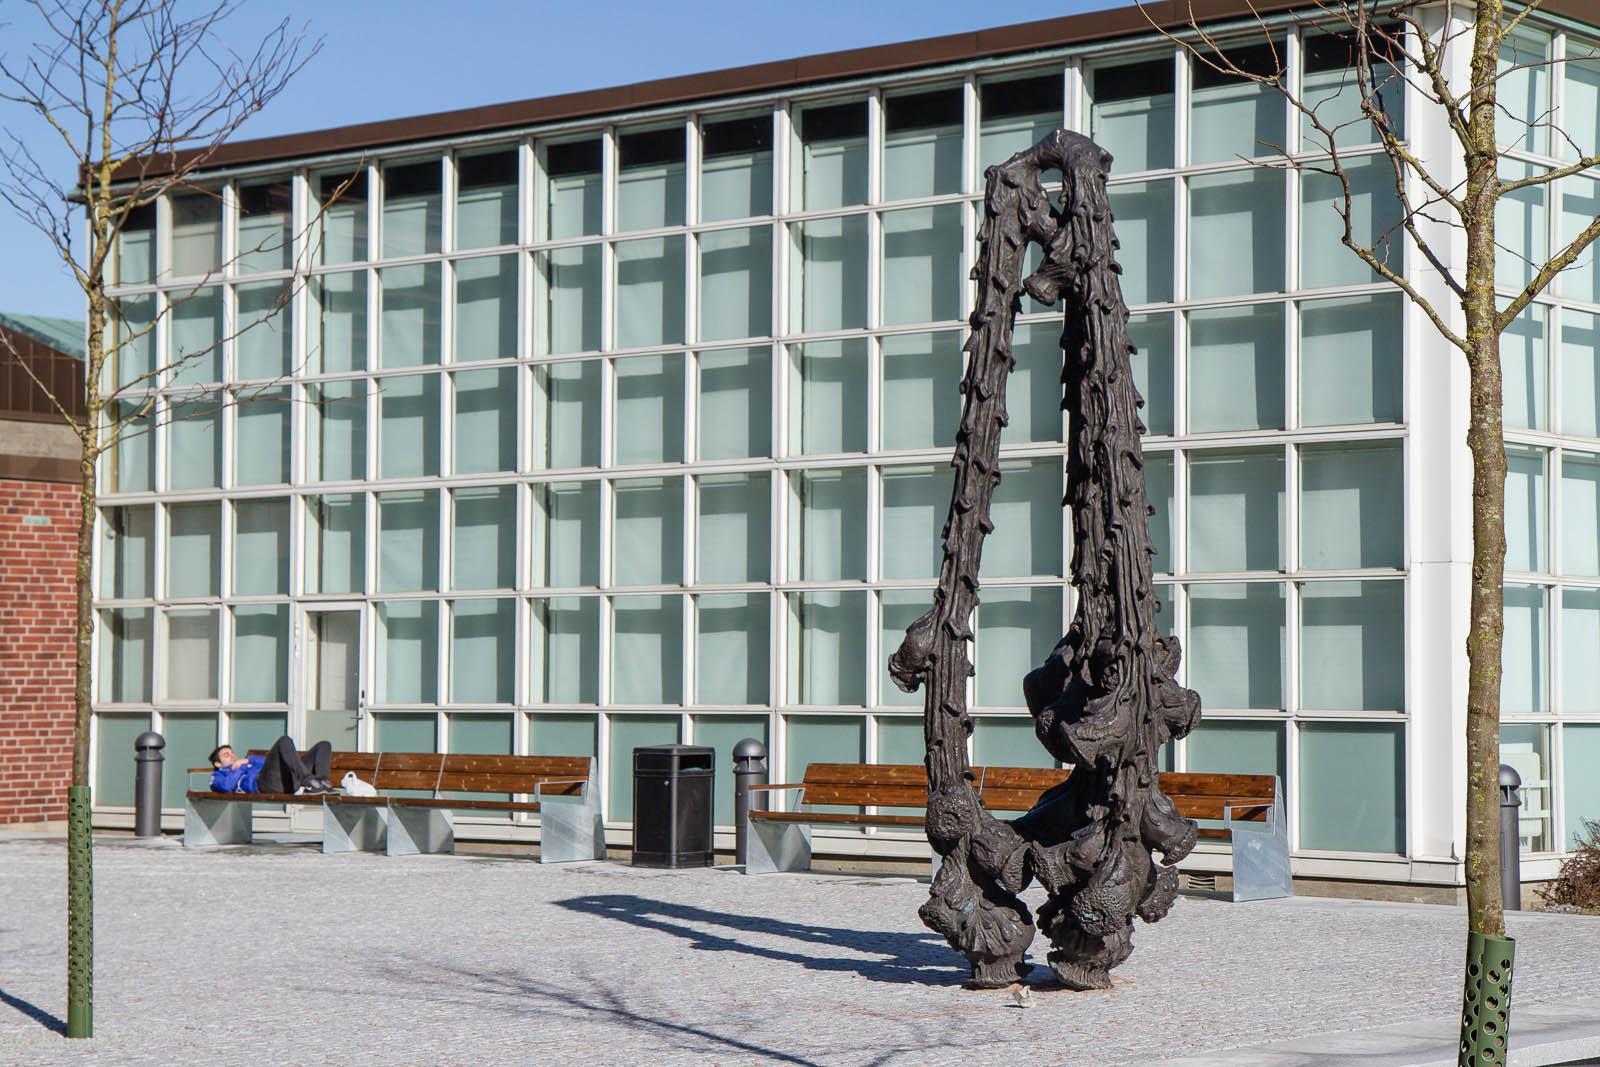 Hög bronsskulptur. I bakgrunden bänkar och en byggnad. Carl Boutard, Into The Wild (2013)